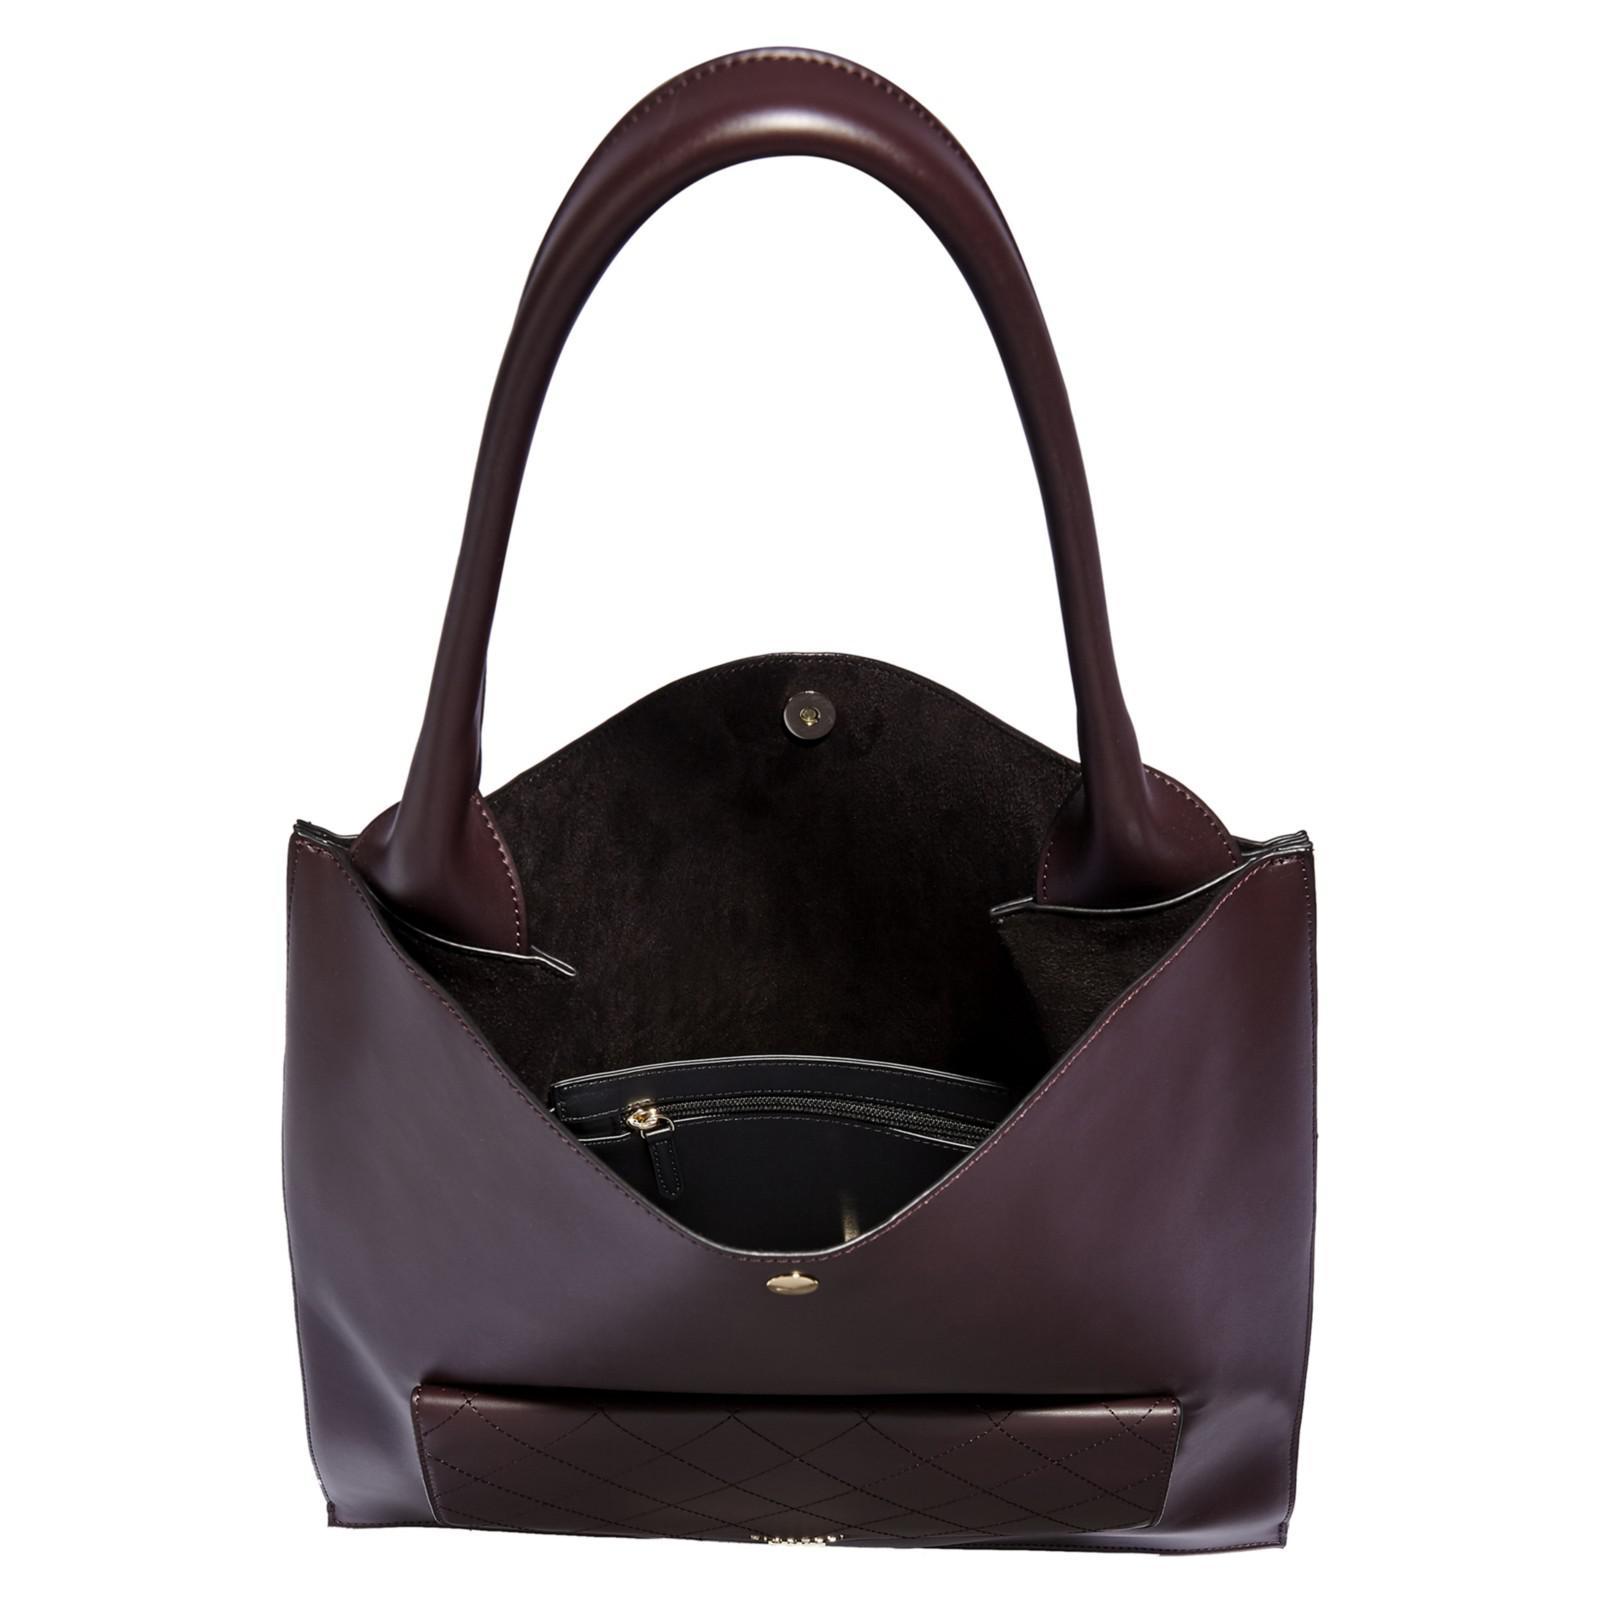 Fiorelli Penton North South Tote Bag